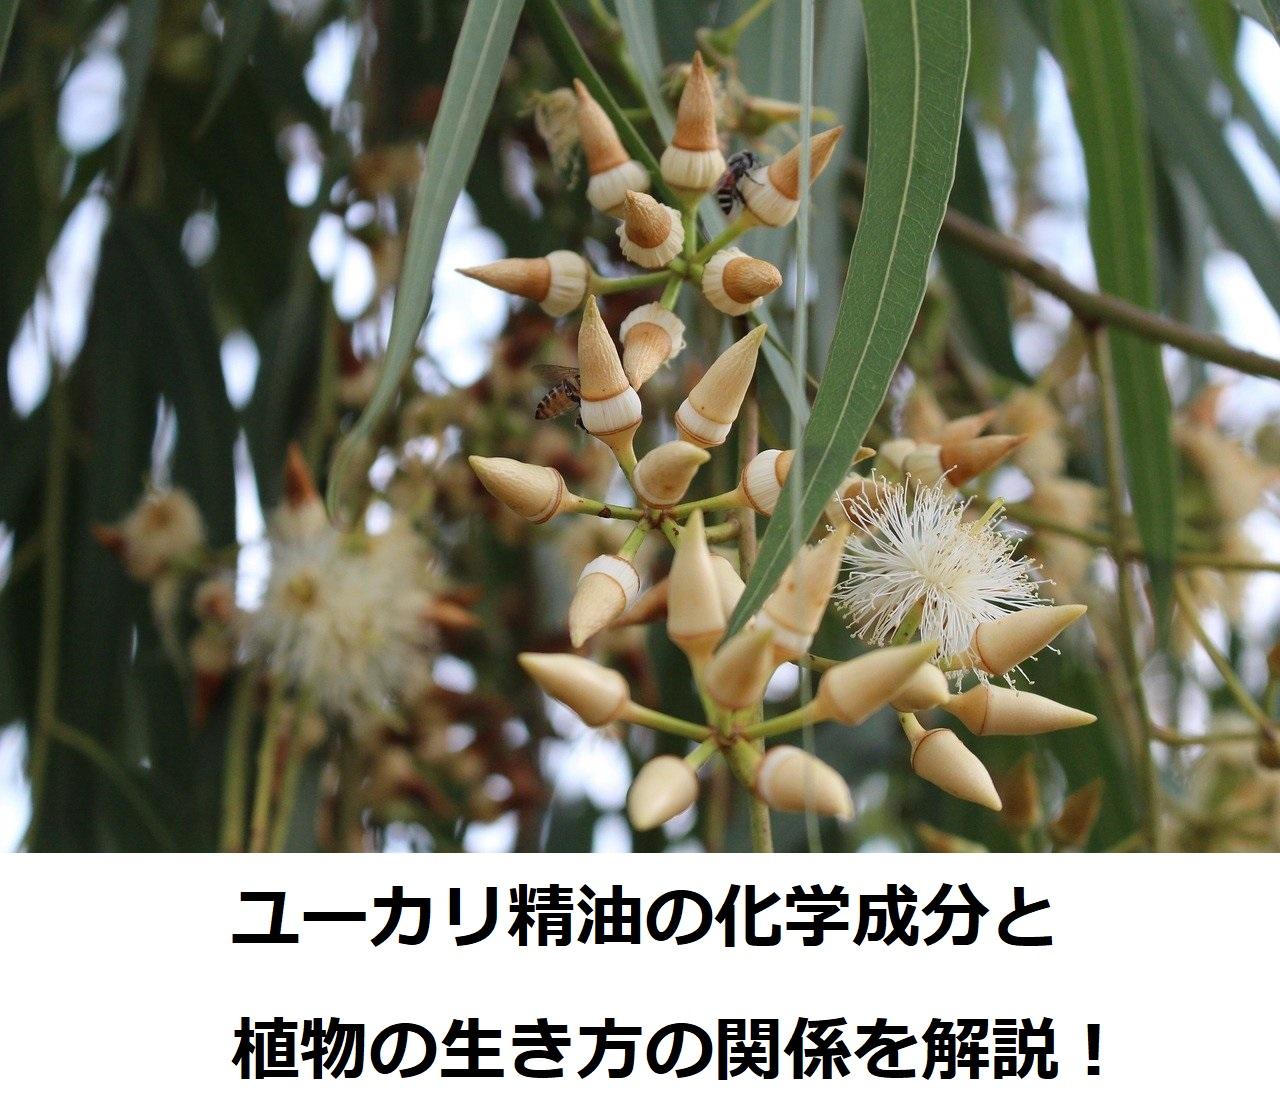 ユーカリ精油の化学と植物の生き方を解説